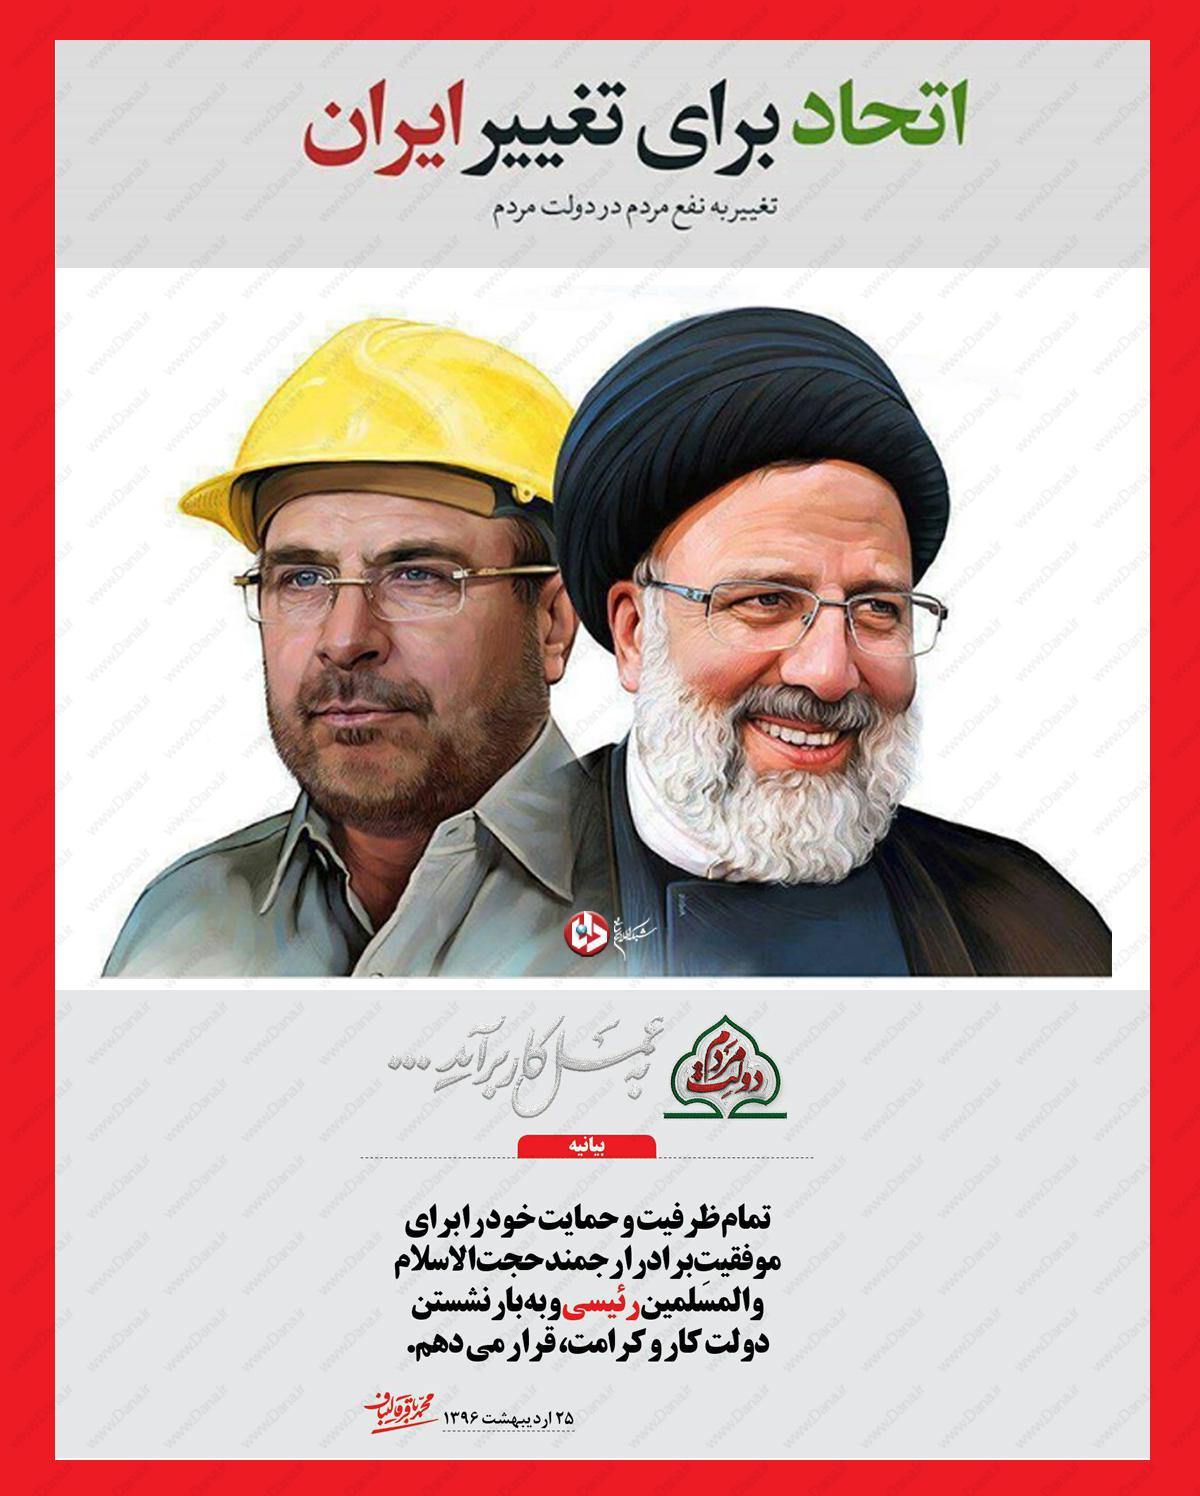 ائتلاف کاندیداهای جبهه انقلاب به نفع مردم